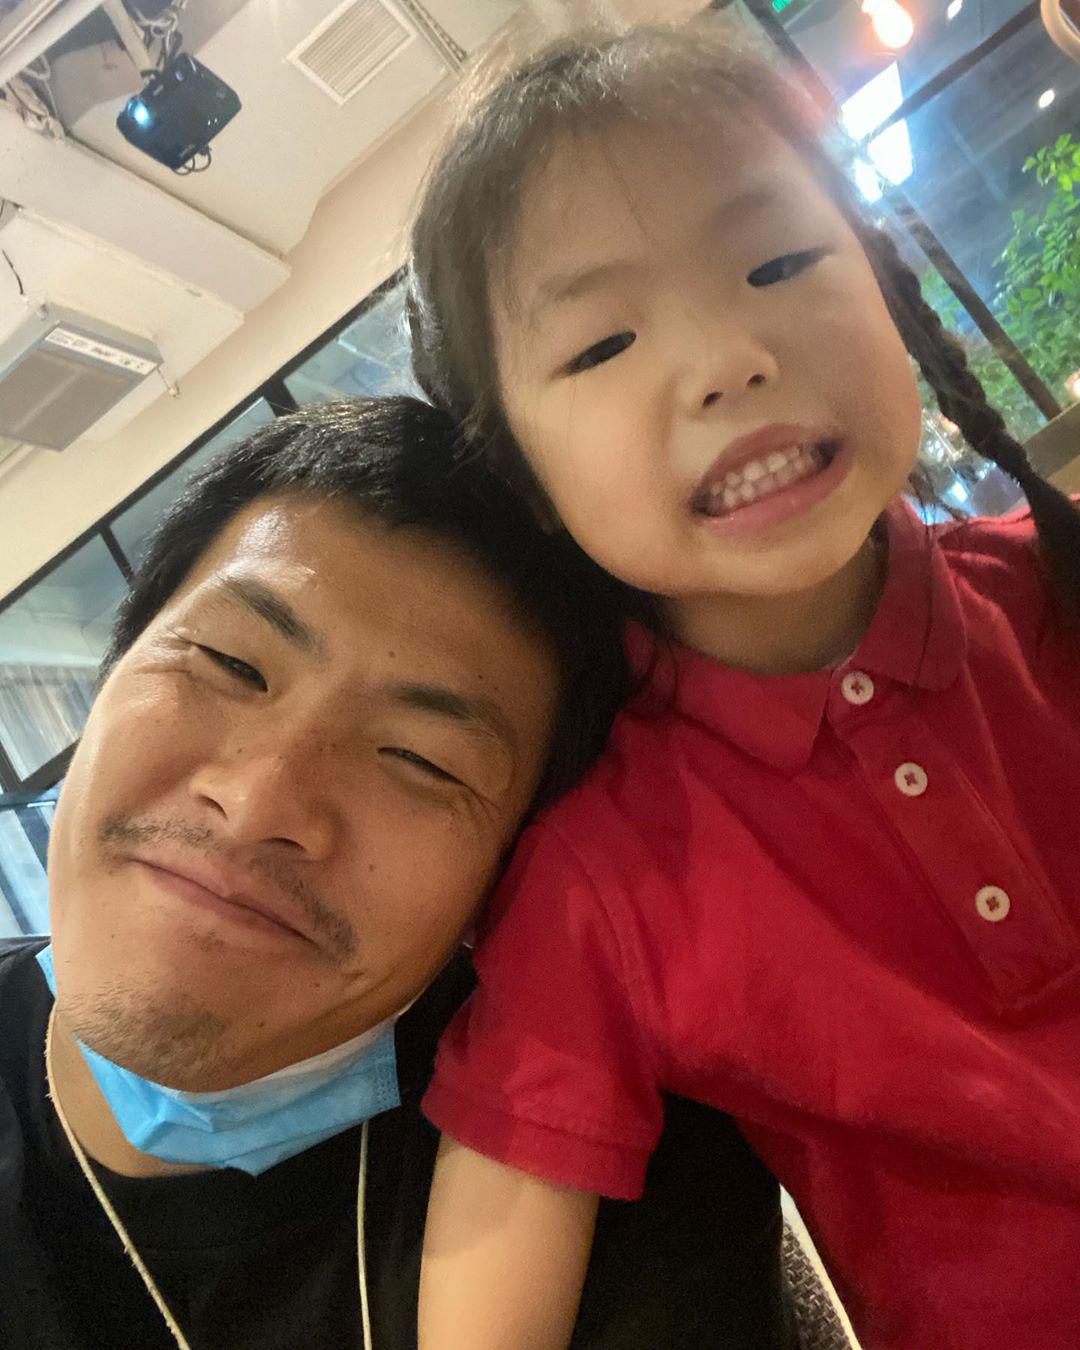 王大雷晒与女儿合影:小丫头长大了,爱你我的小公主